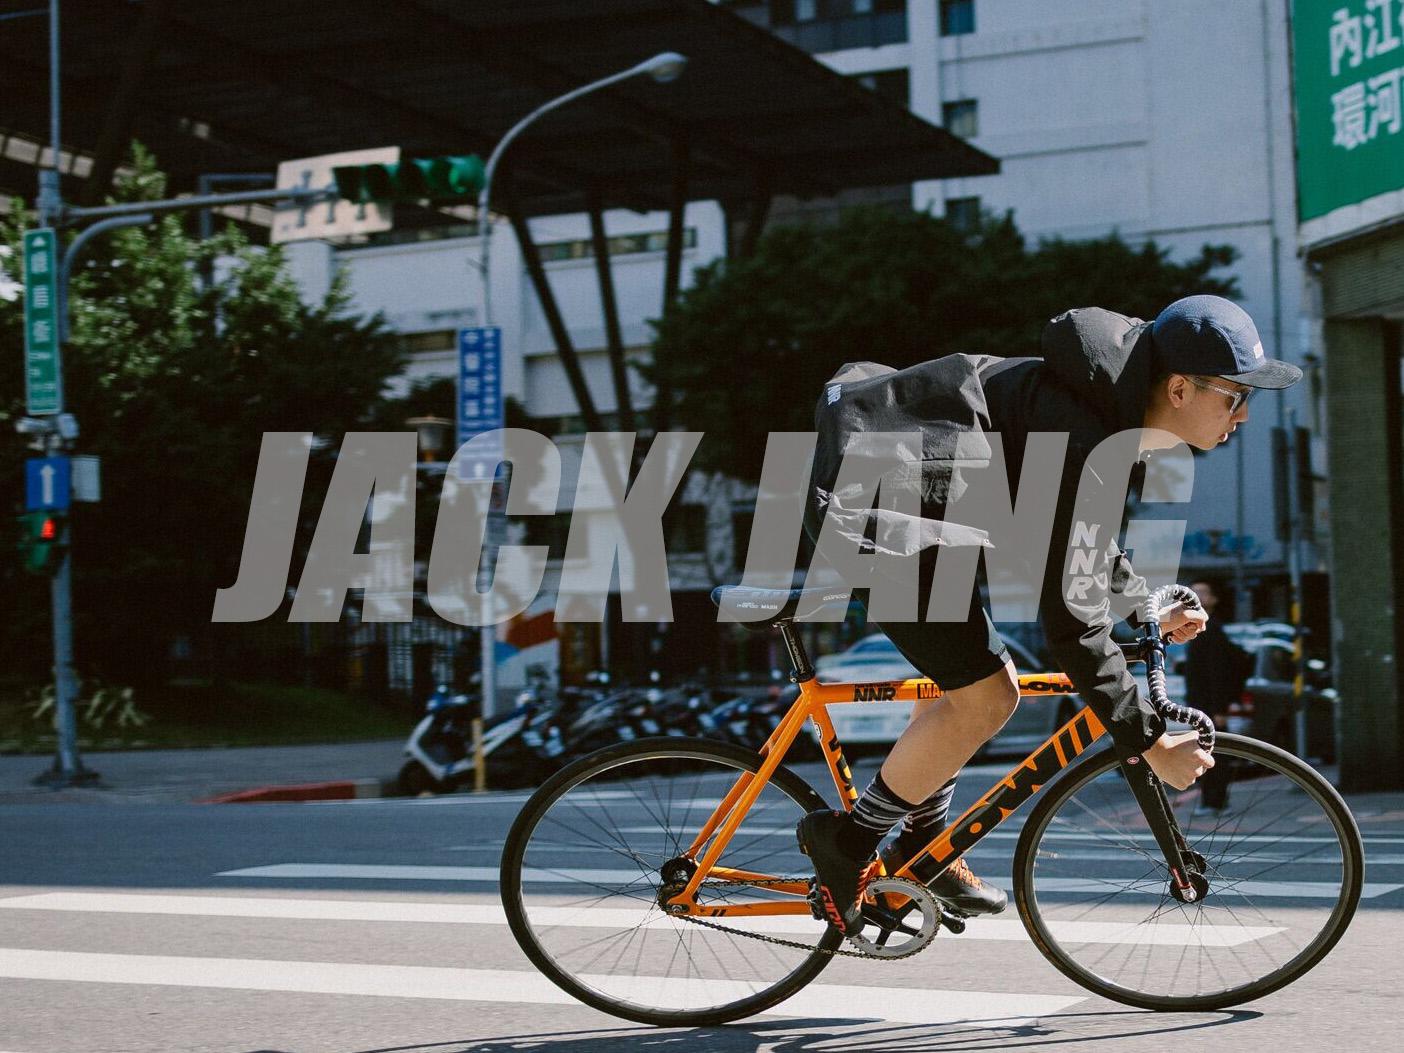 JACK JANG NEW